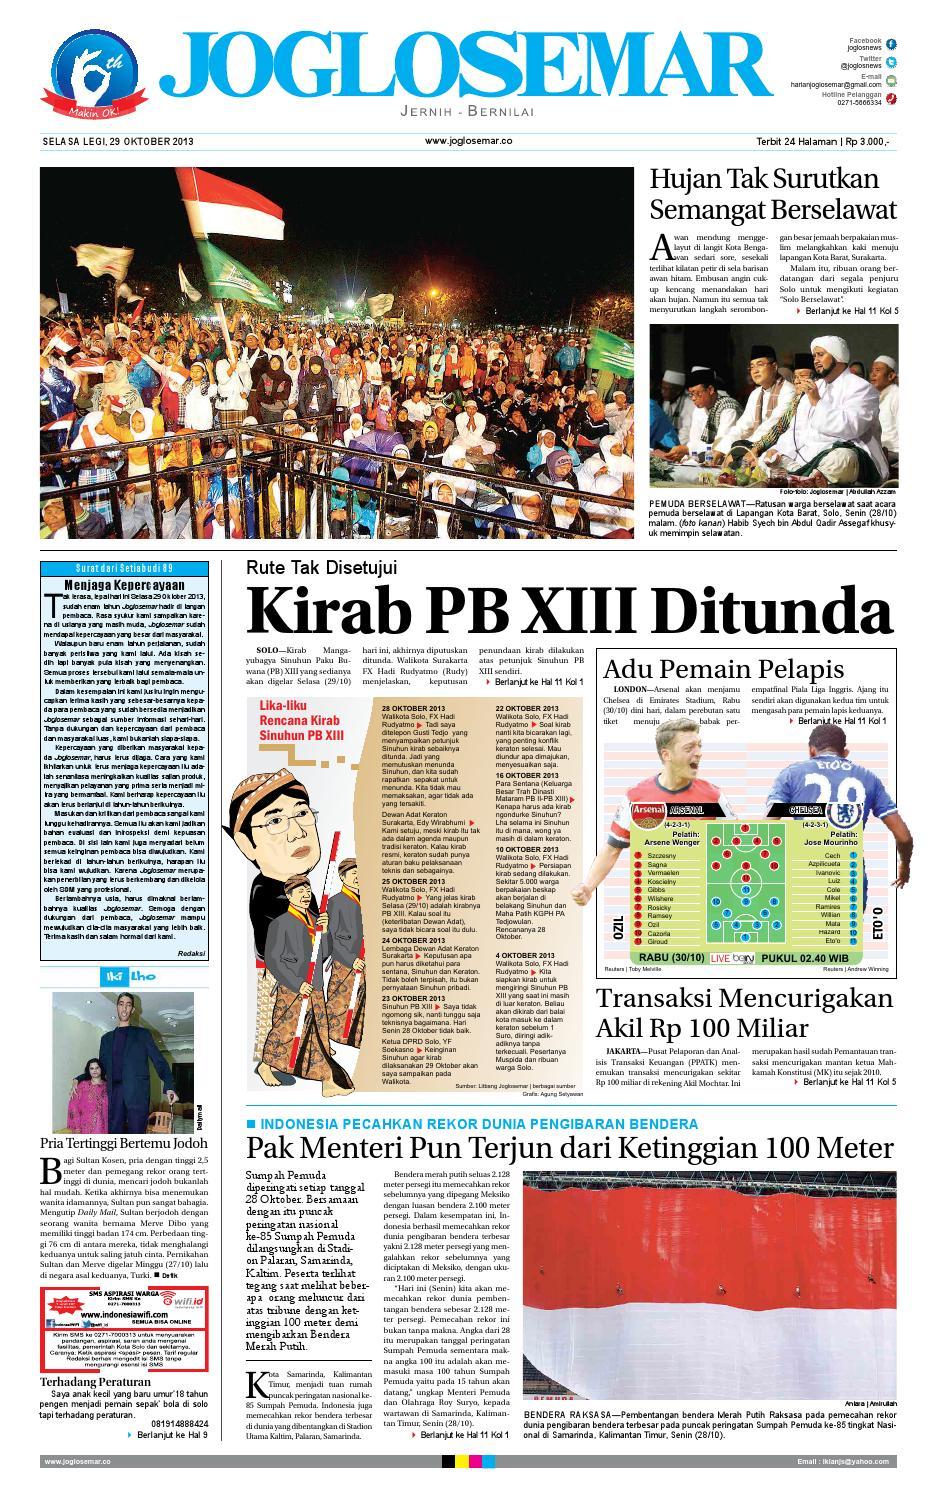 Epaper Edisi 29 Oktober 2013 By PT Joglosemar Prima Media